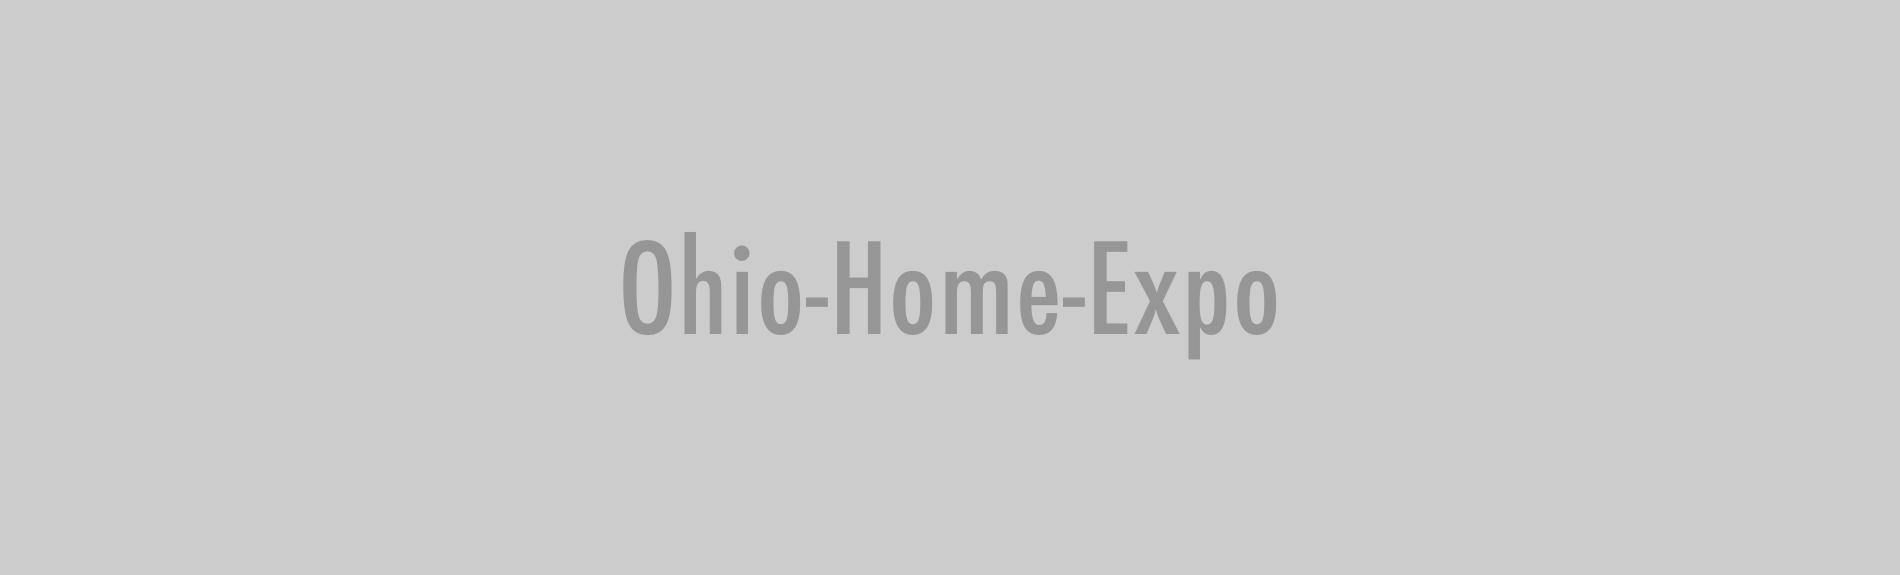 Ohio Home Expo